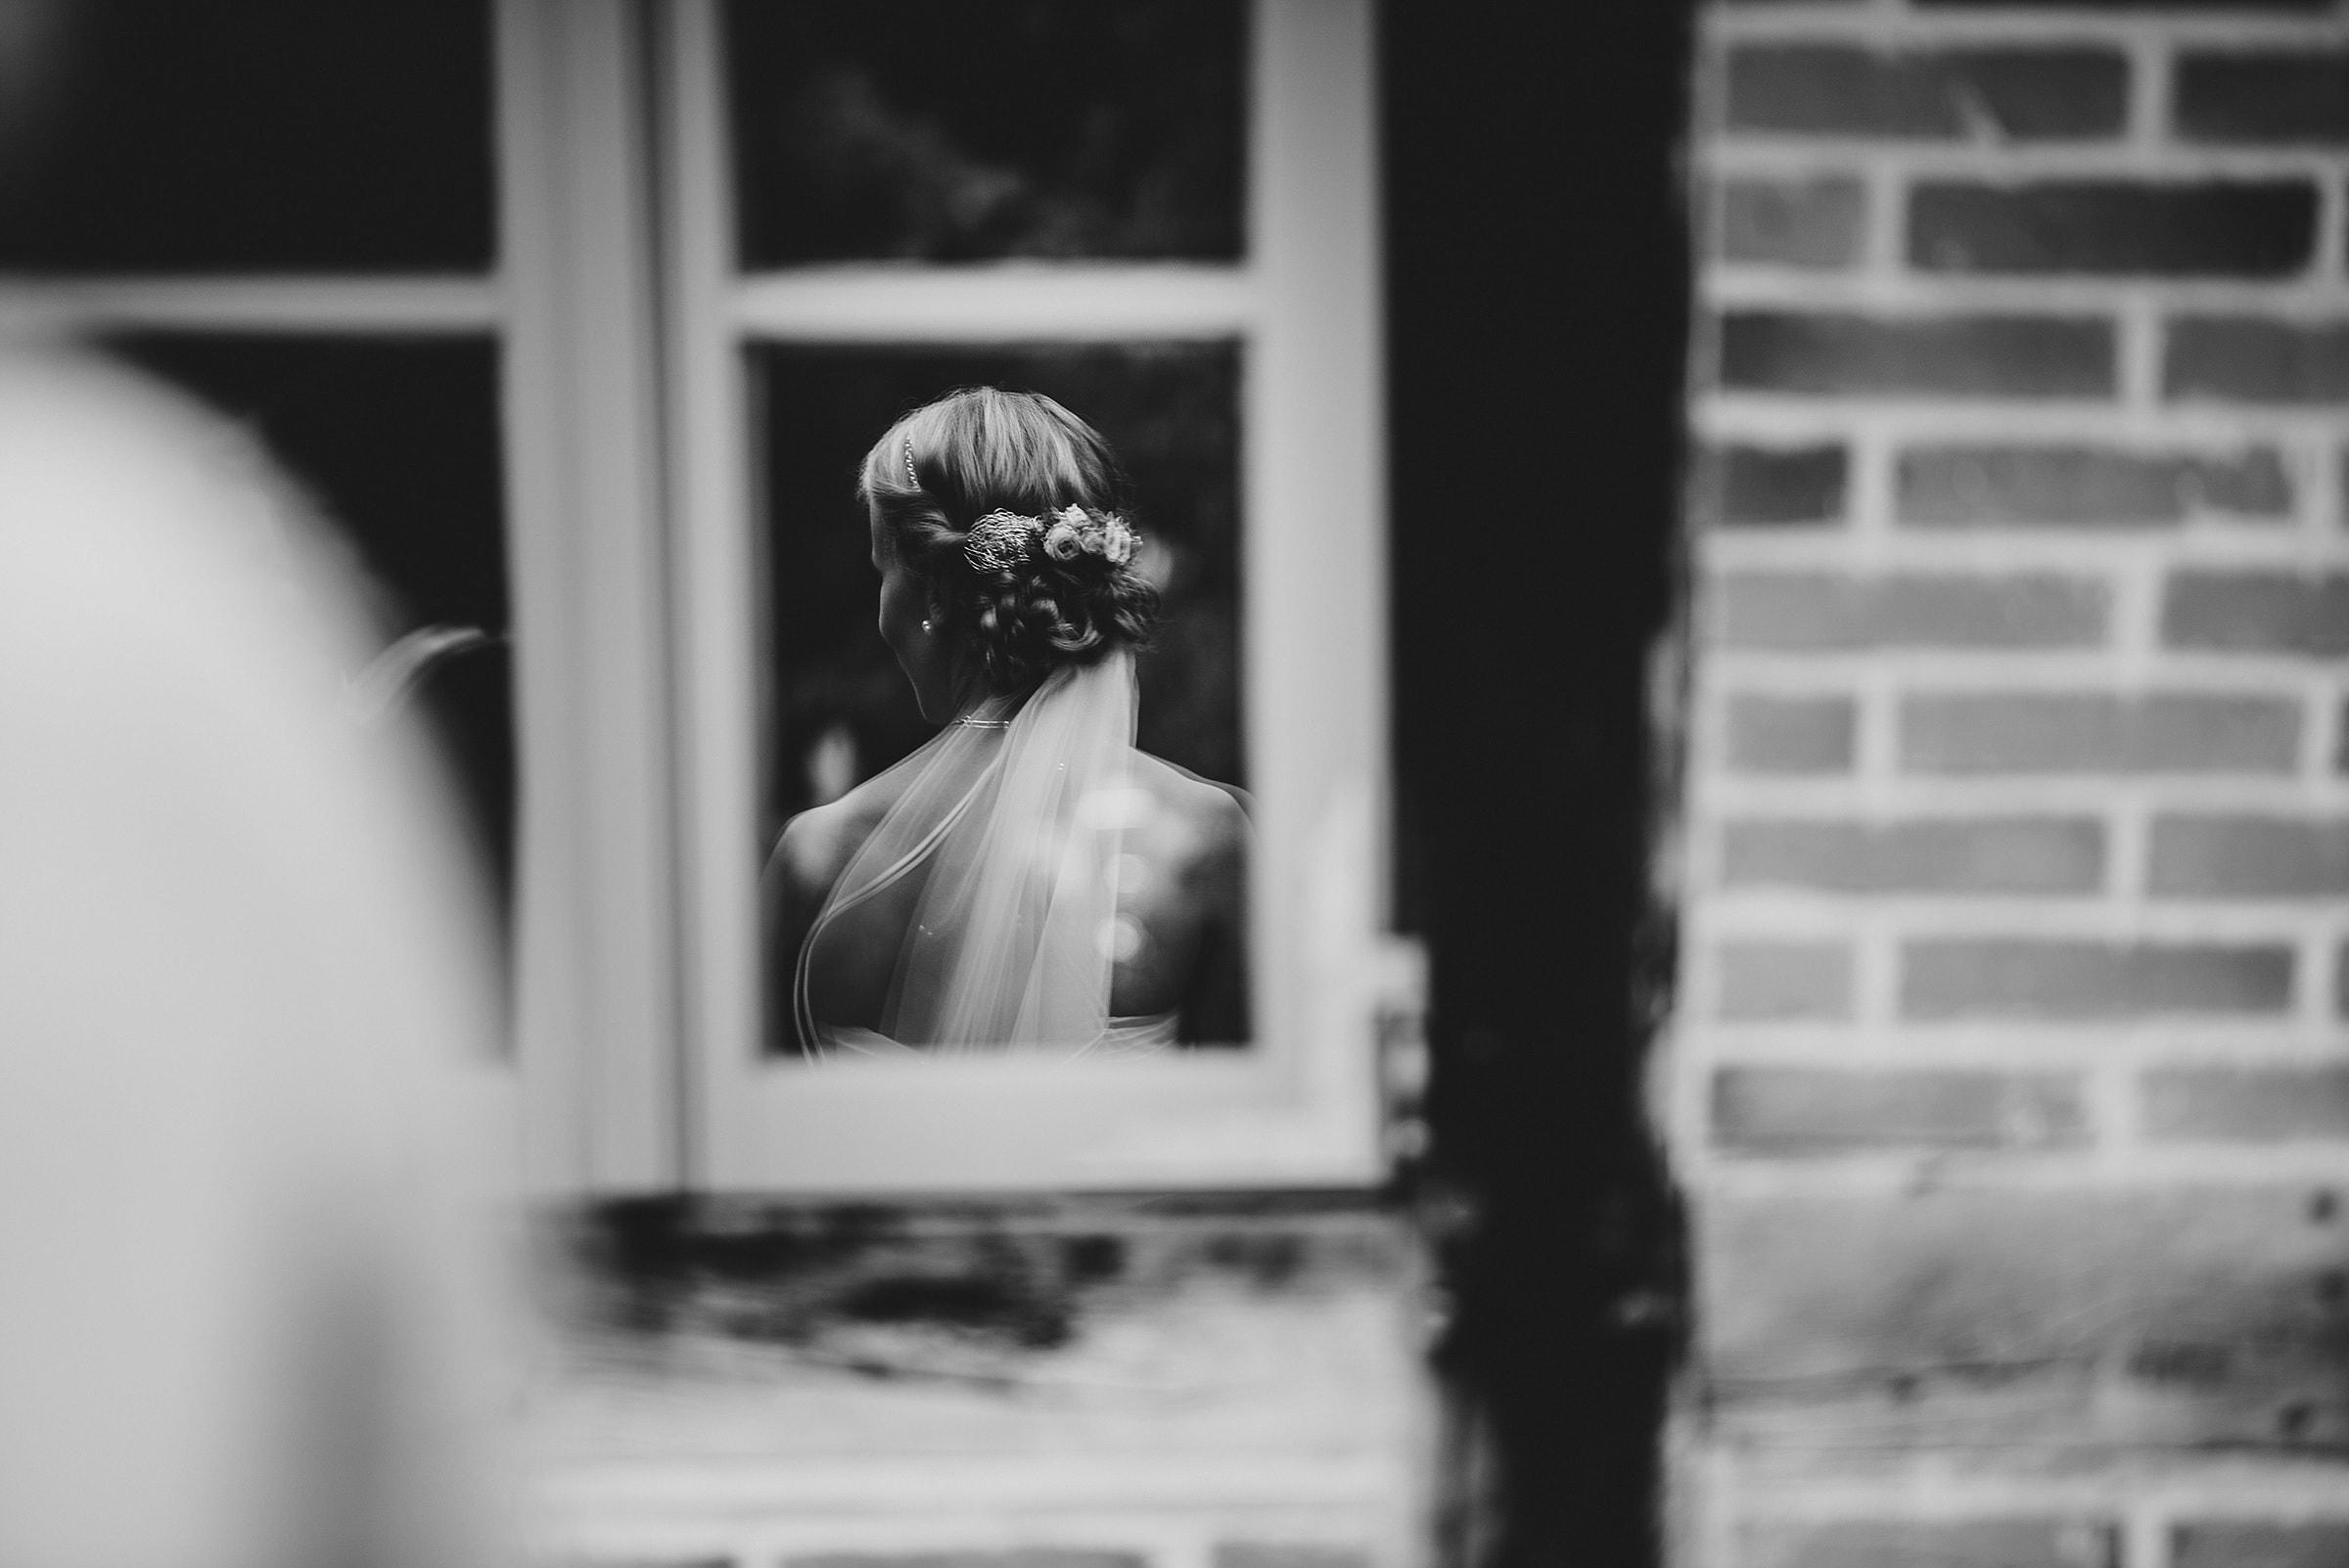 Hochzeitsfotografie-Frau-Siemers-Hof Weihe-Spiegelung der Braut im Fenster